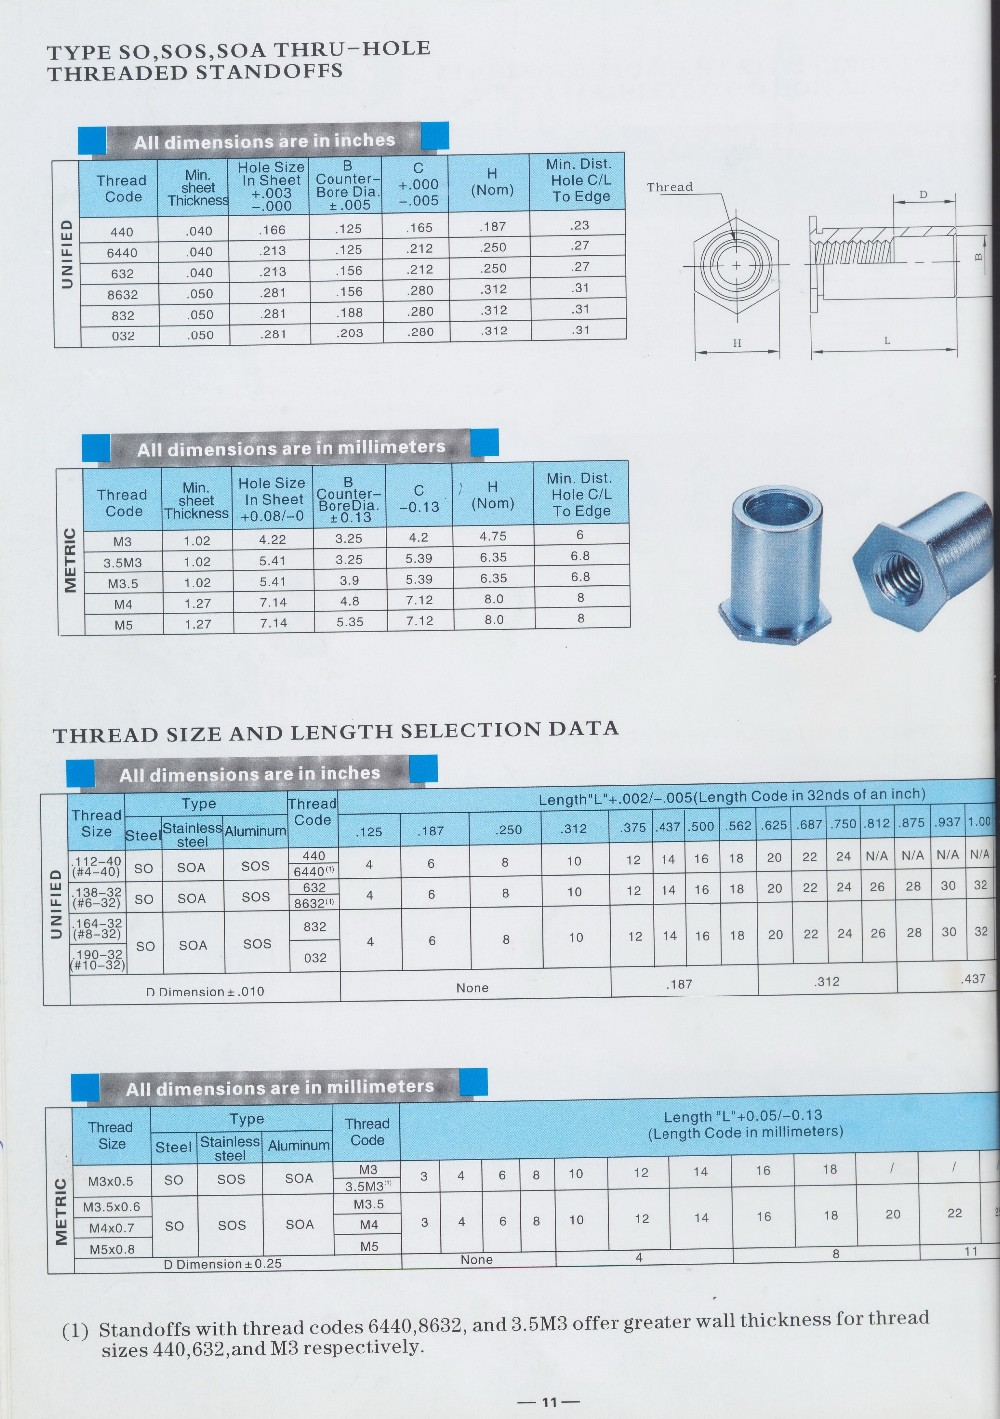 SOS-M4-14, резьбовые стойки, нержавеющая сталь, природа, PEM стандарт, сделано в Китае